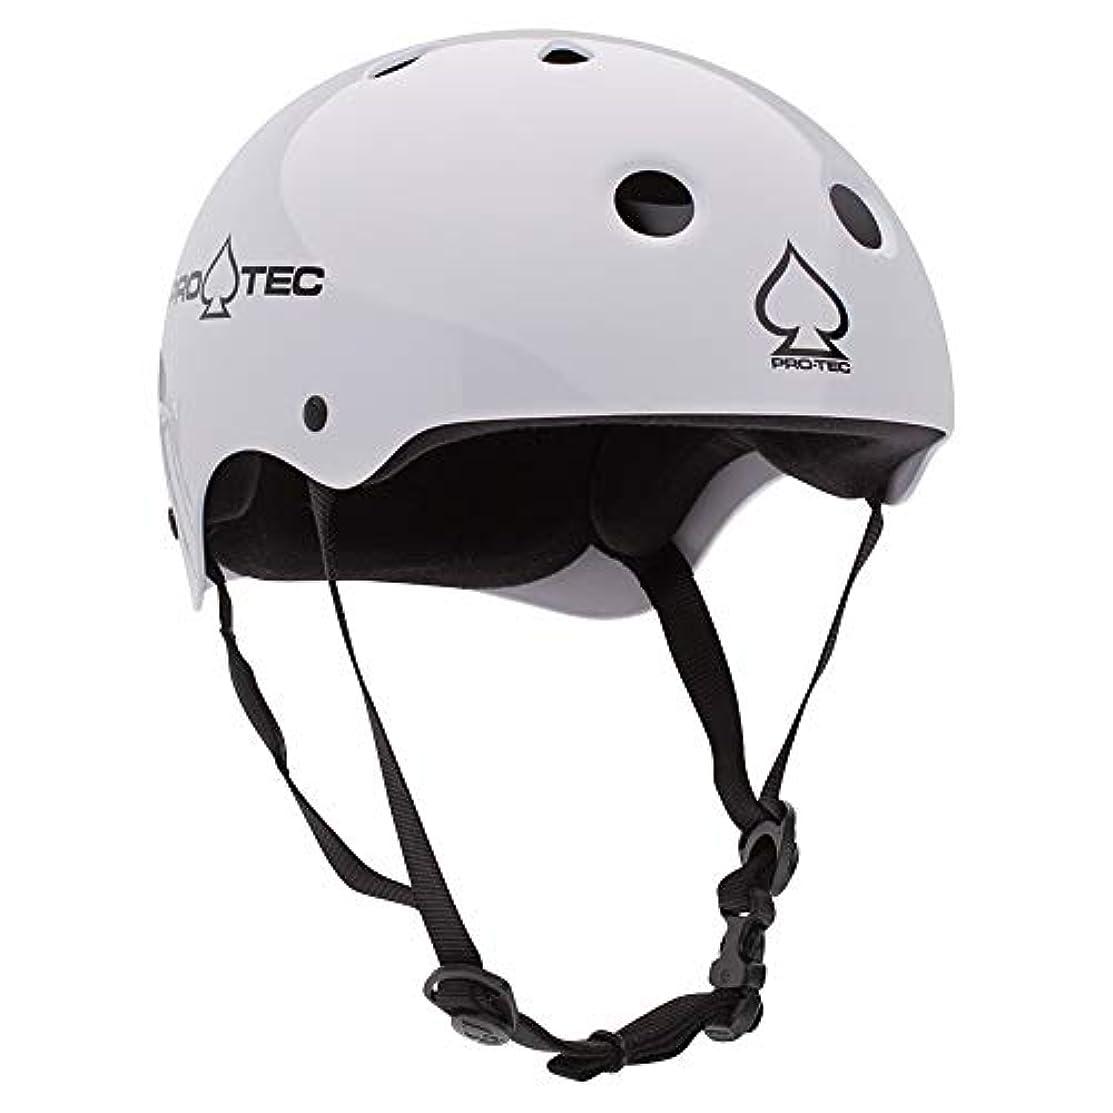 論理不快招待PRO-TEC(プロテック) CLASSIC SKATE (クラシック スケート)ヘルメット【正規輸入品】 - Mサイズ - GLOSS WHITE (グロス ホワイト) 1212302 ホワイト M